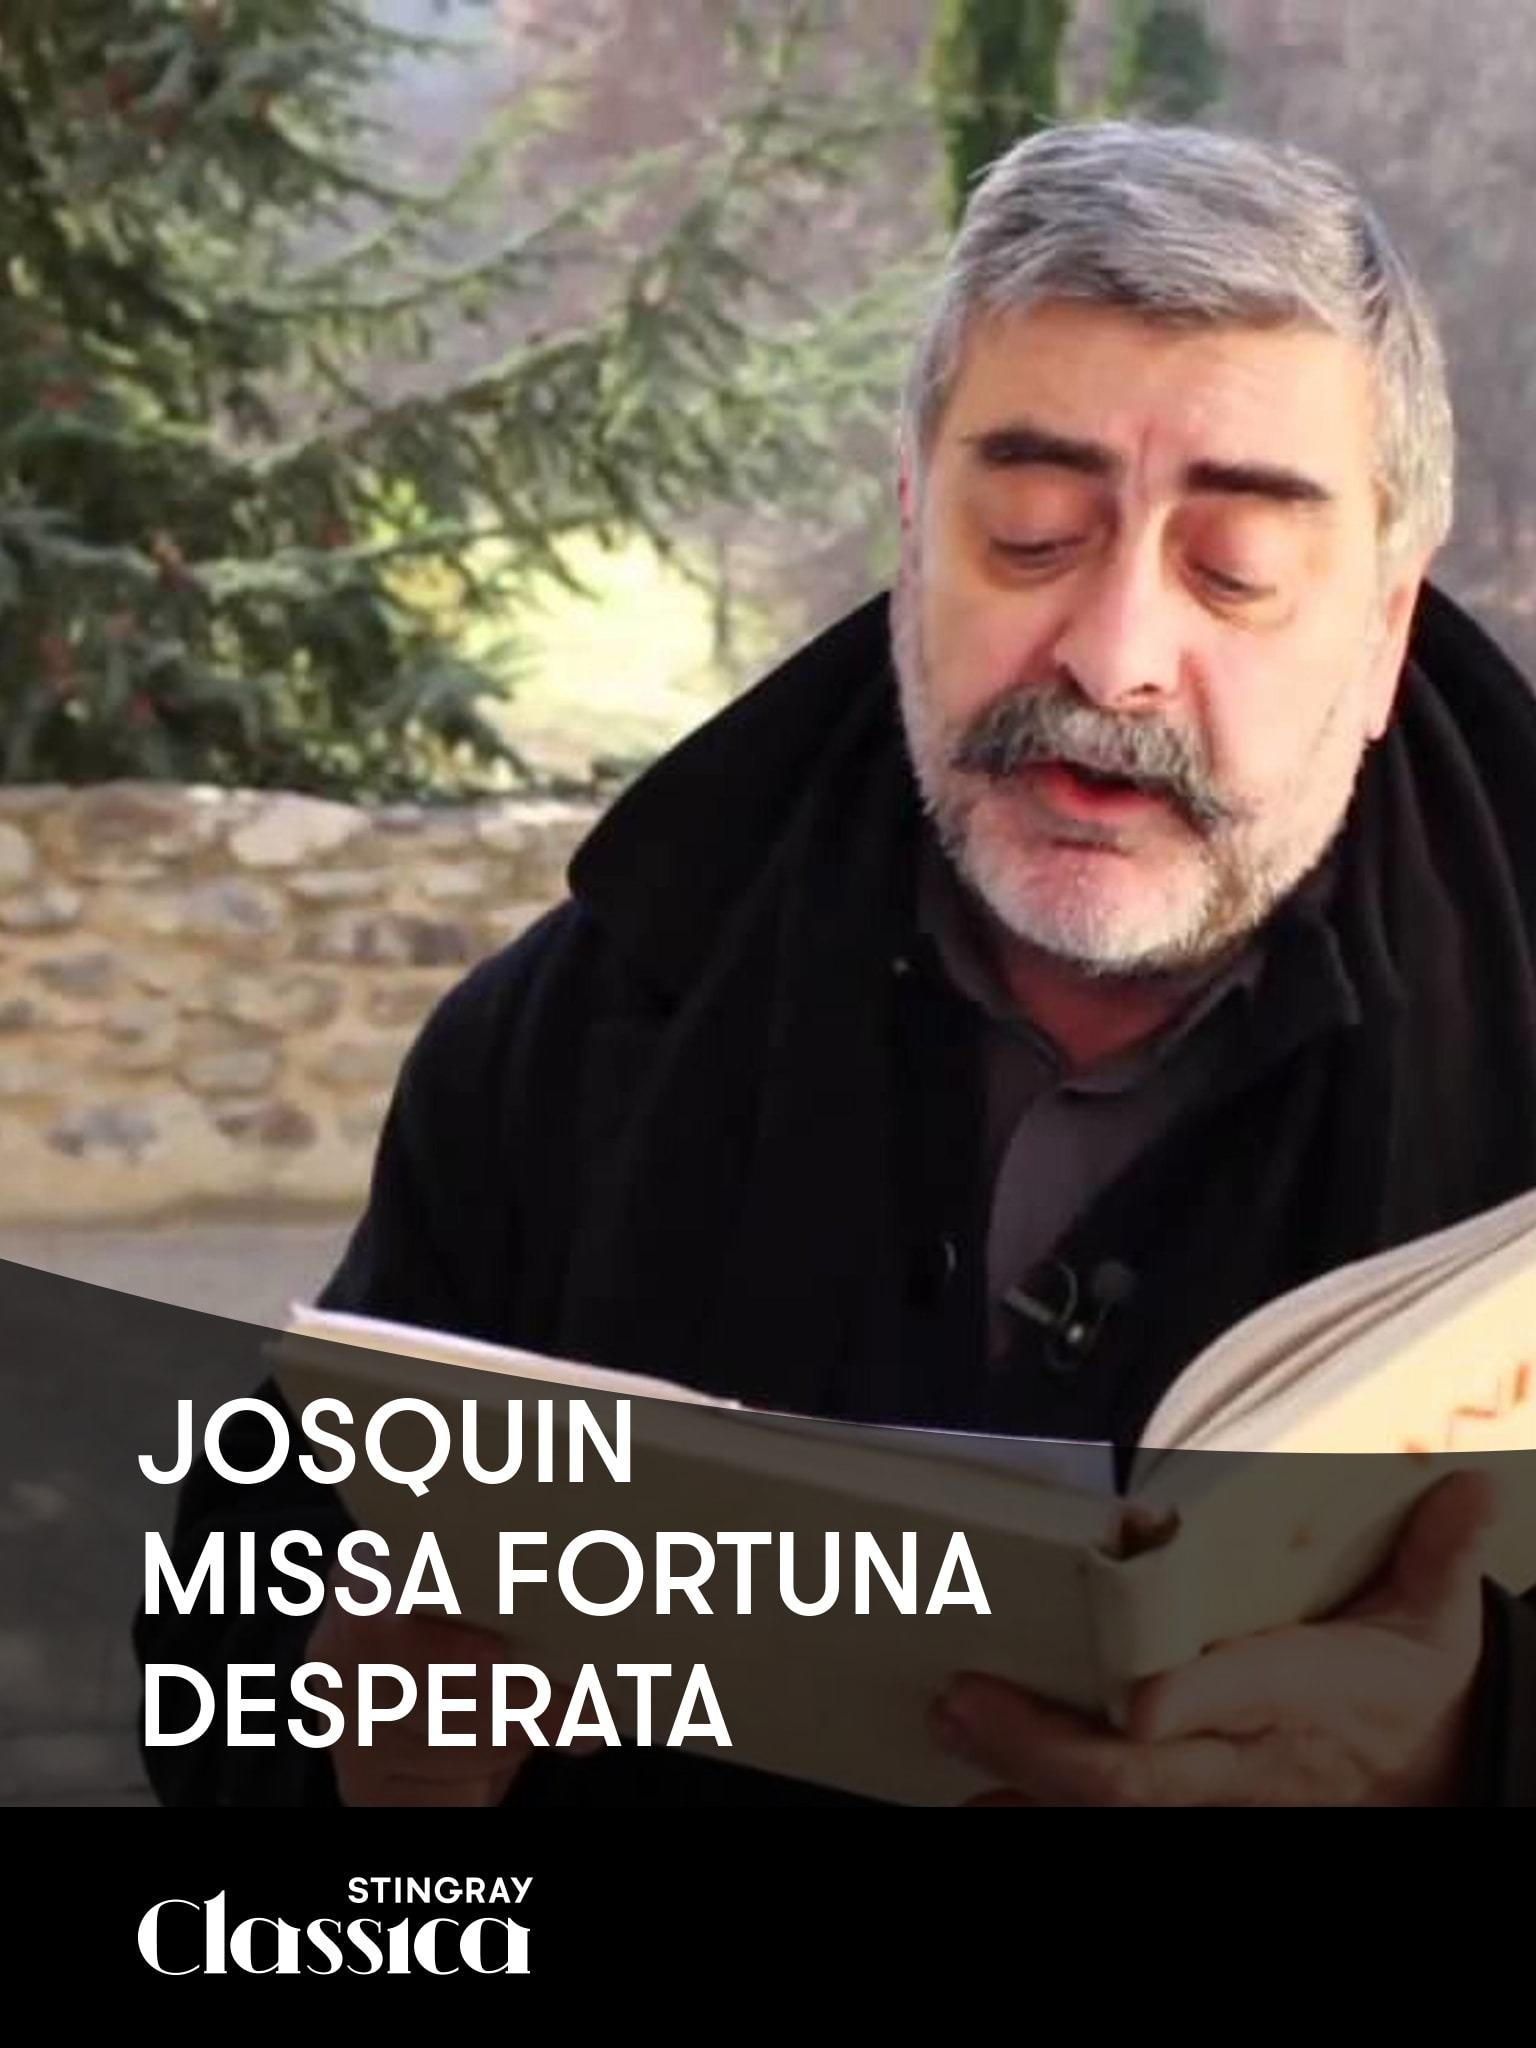 Josquin - Missa fortuna desperata